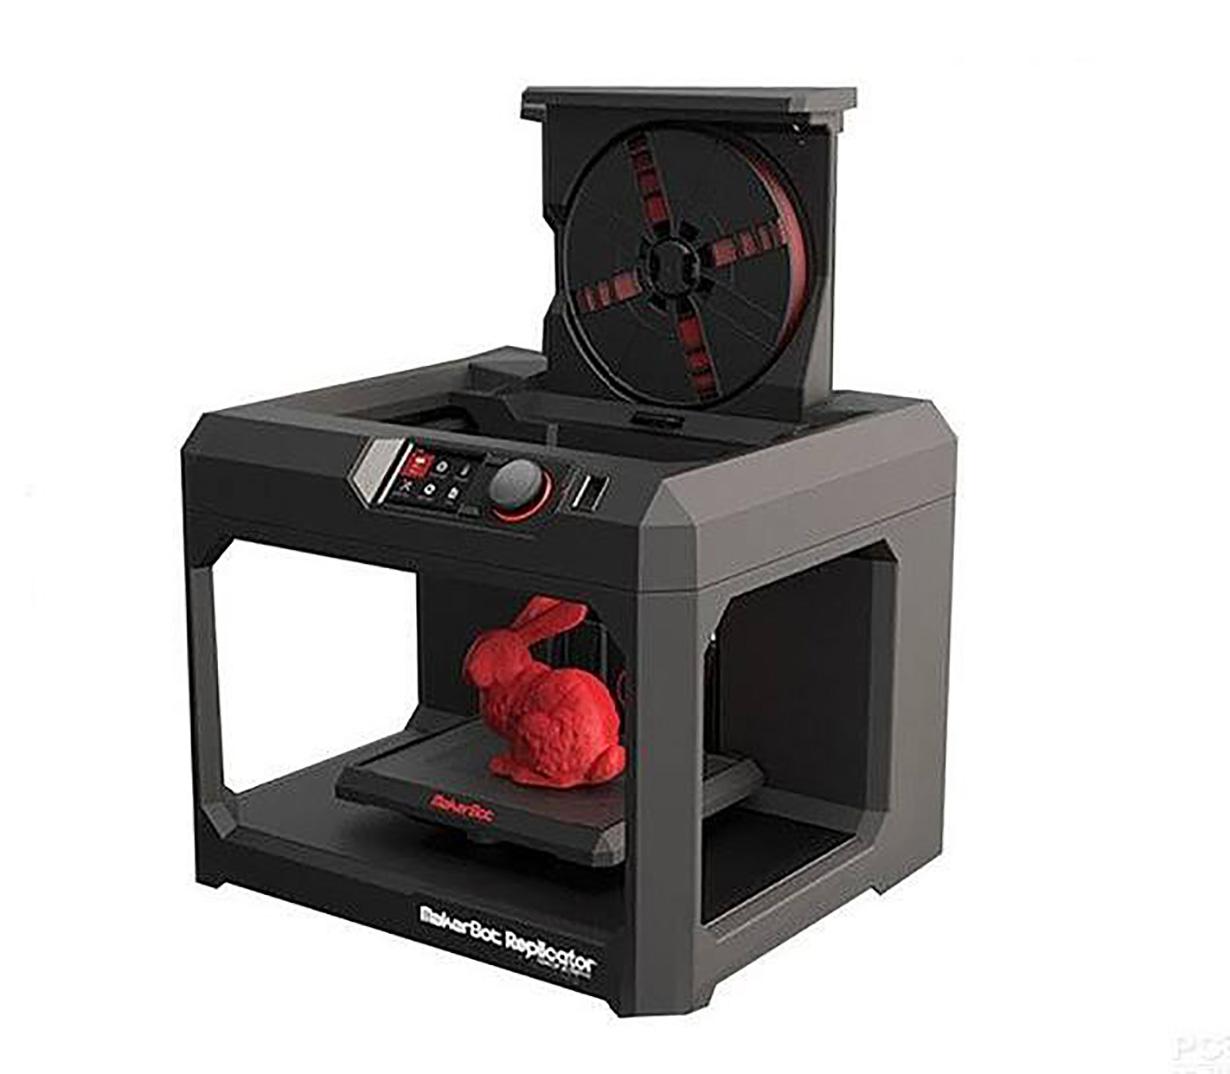 简约美观的3D打印机为人们带来更加舒适的生活体验